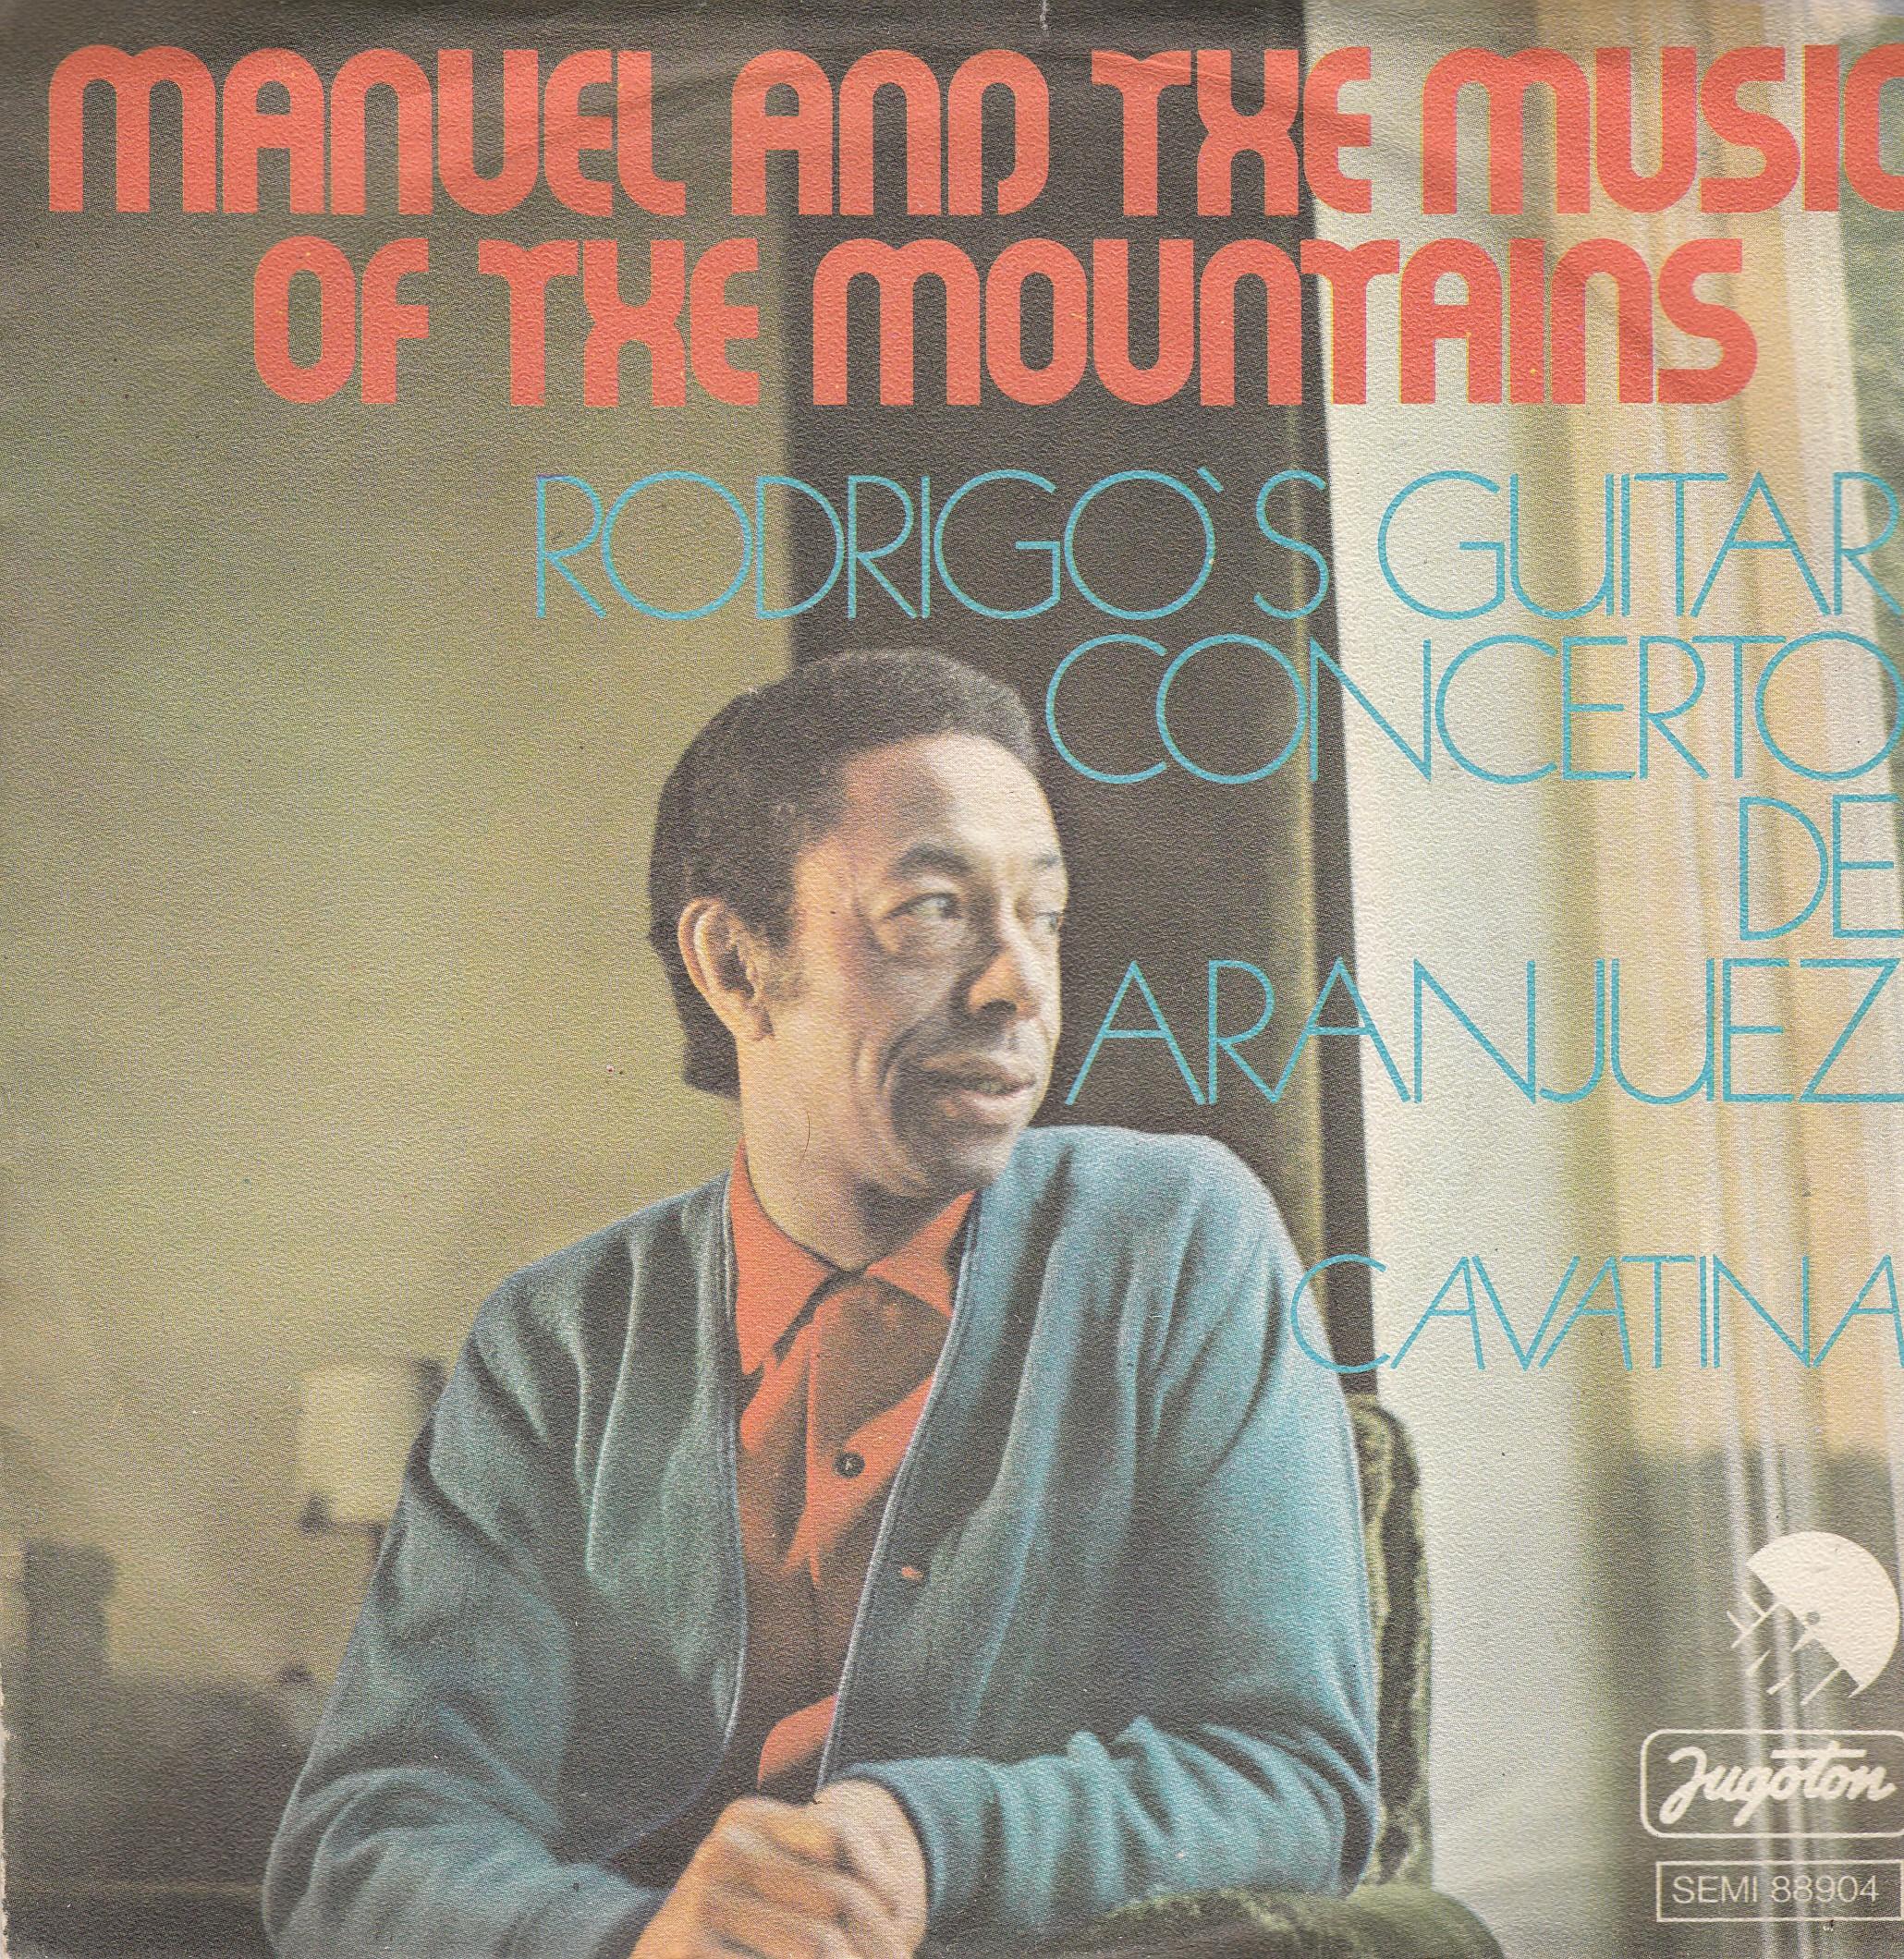 Manuel The Music Of The Mountains - Rodrigos Guitar Concert De Aranjuez/cavatina